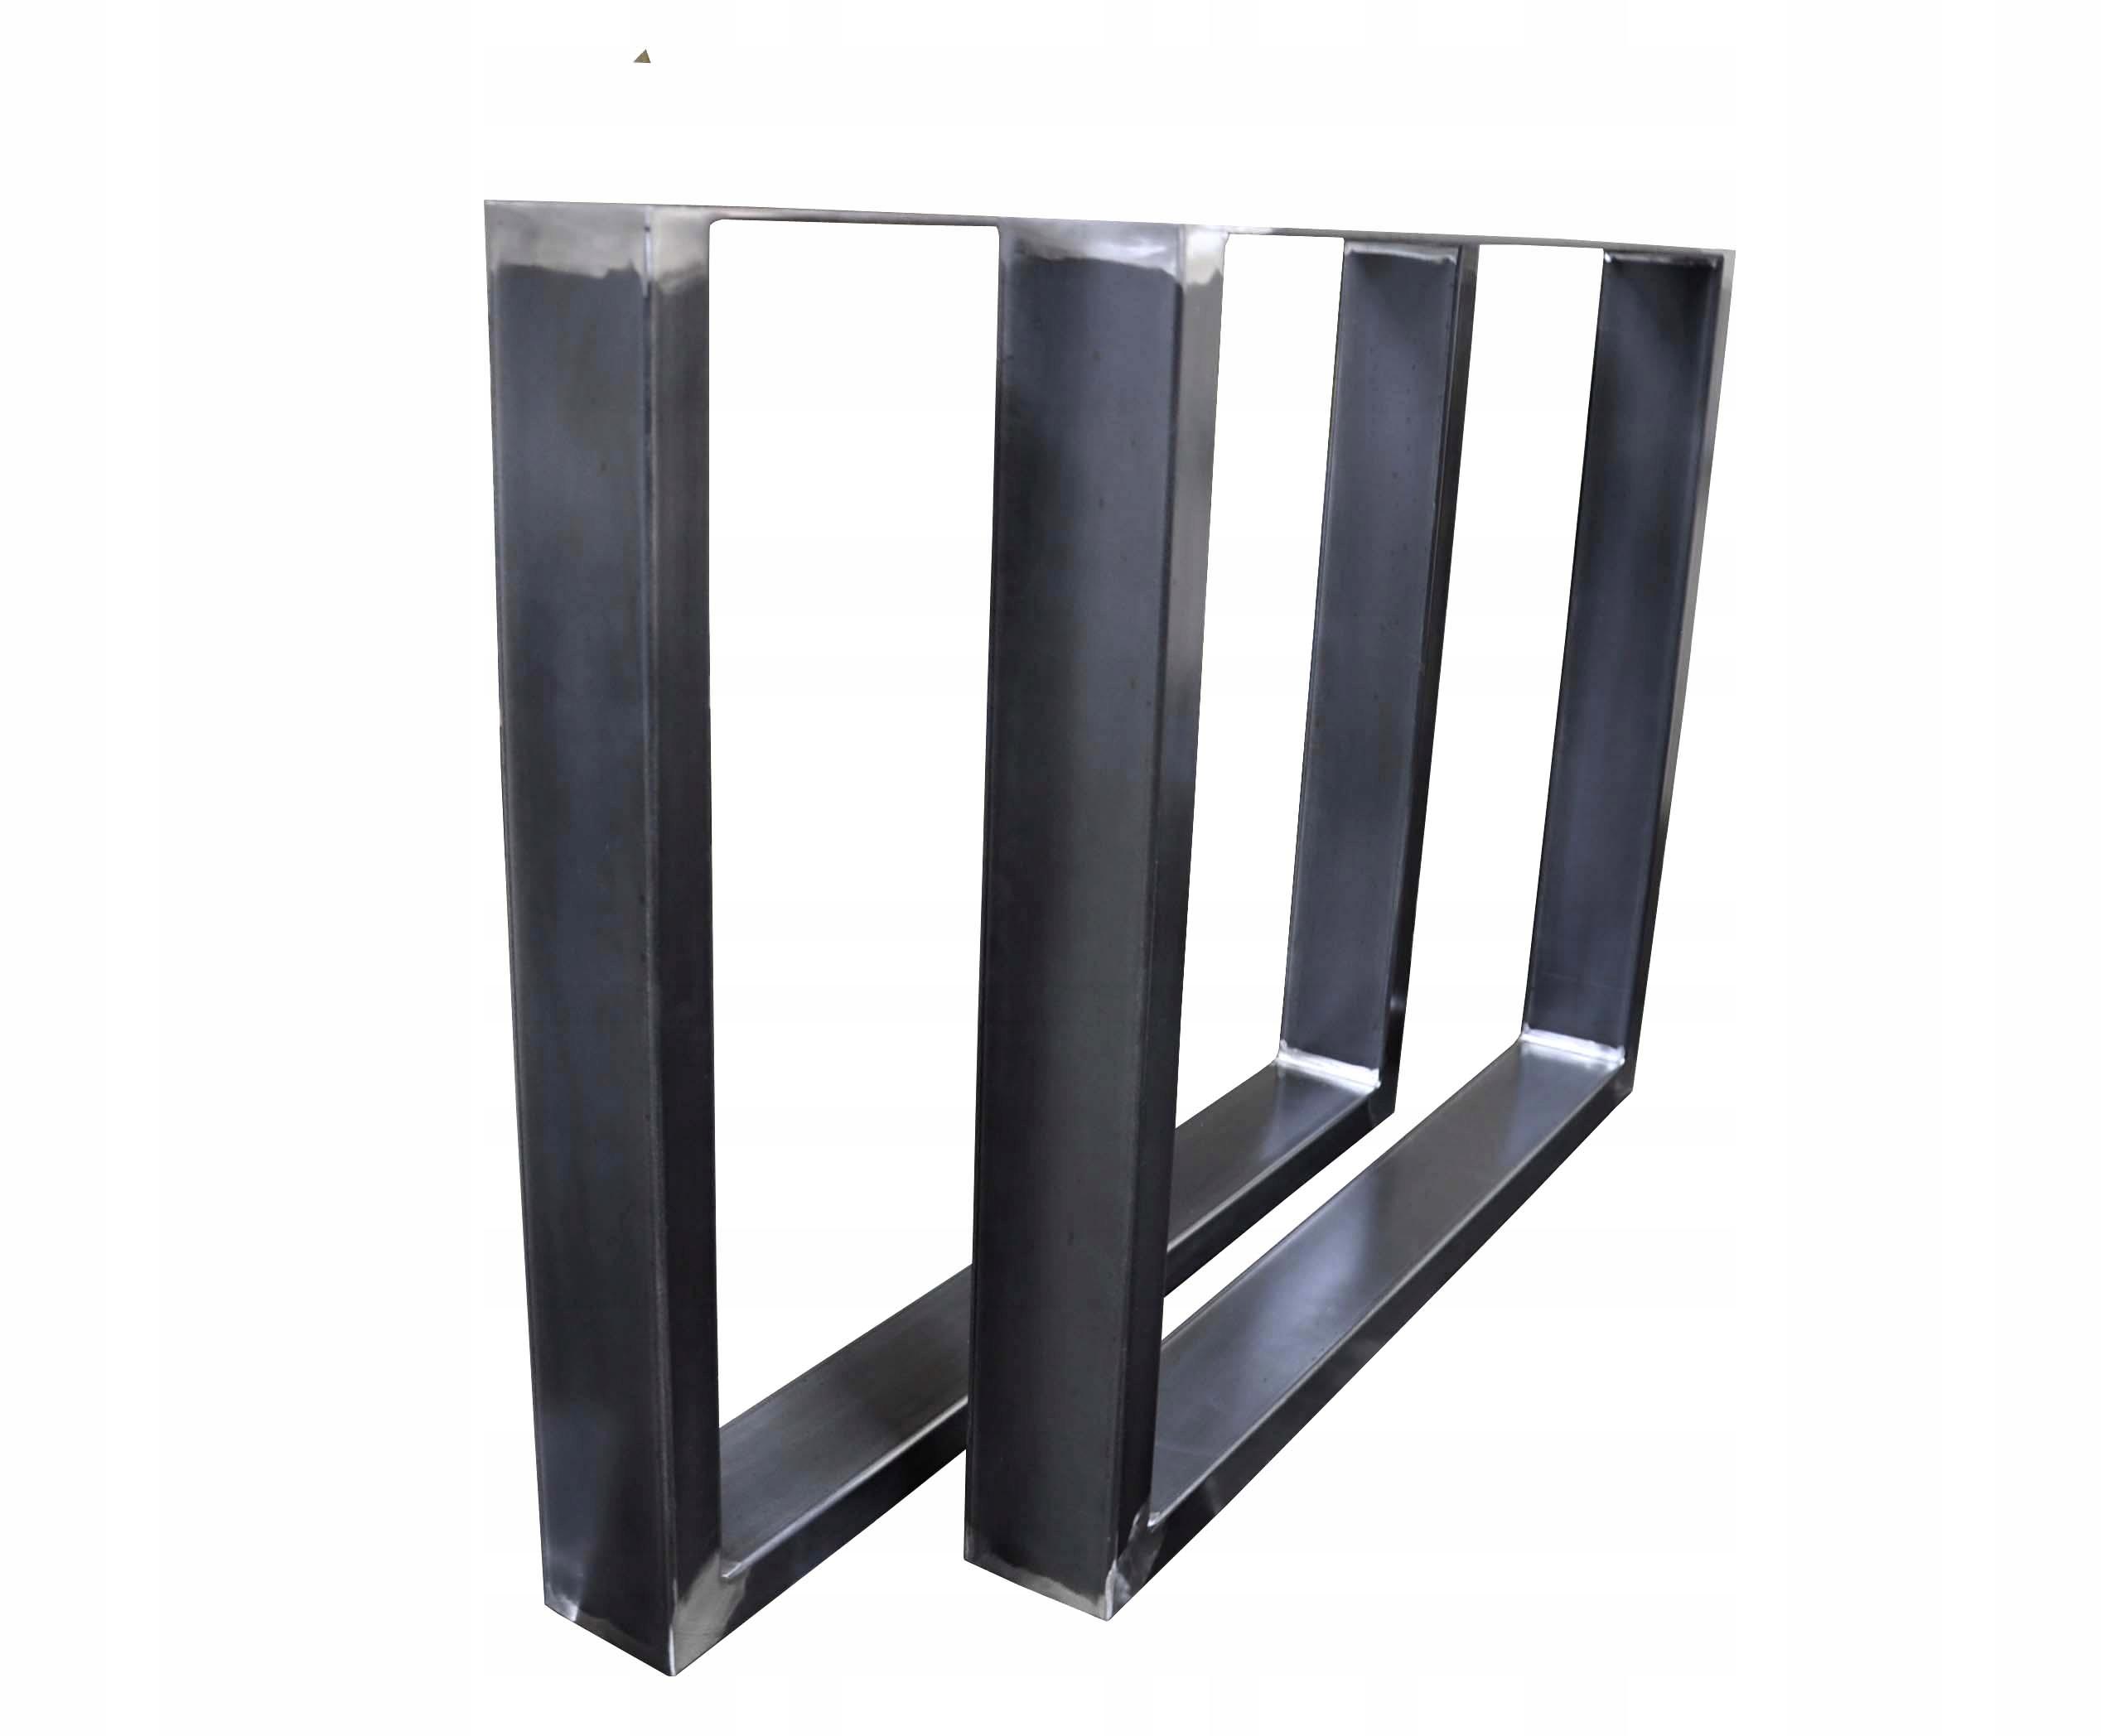 2x kovová stolová noha oceľ 80x72 cm (100x40)